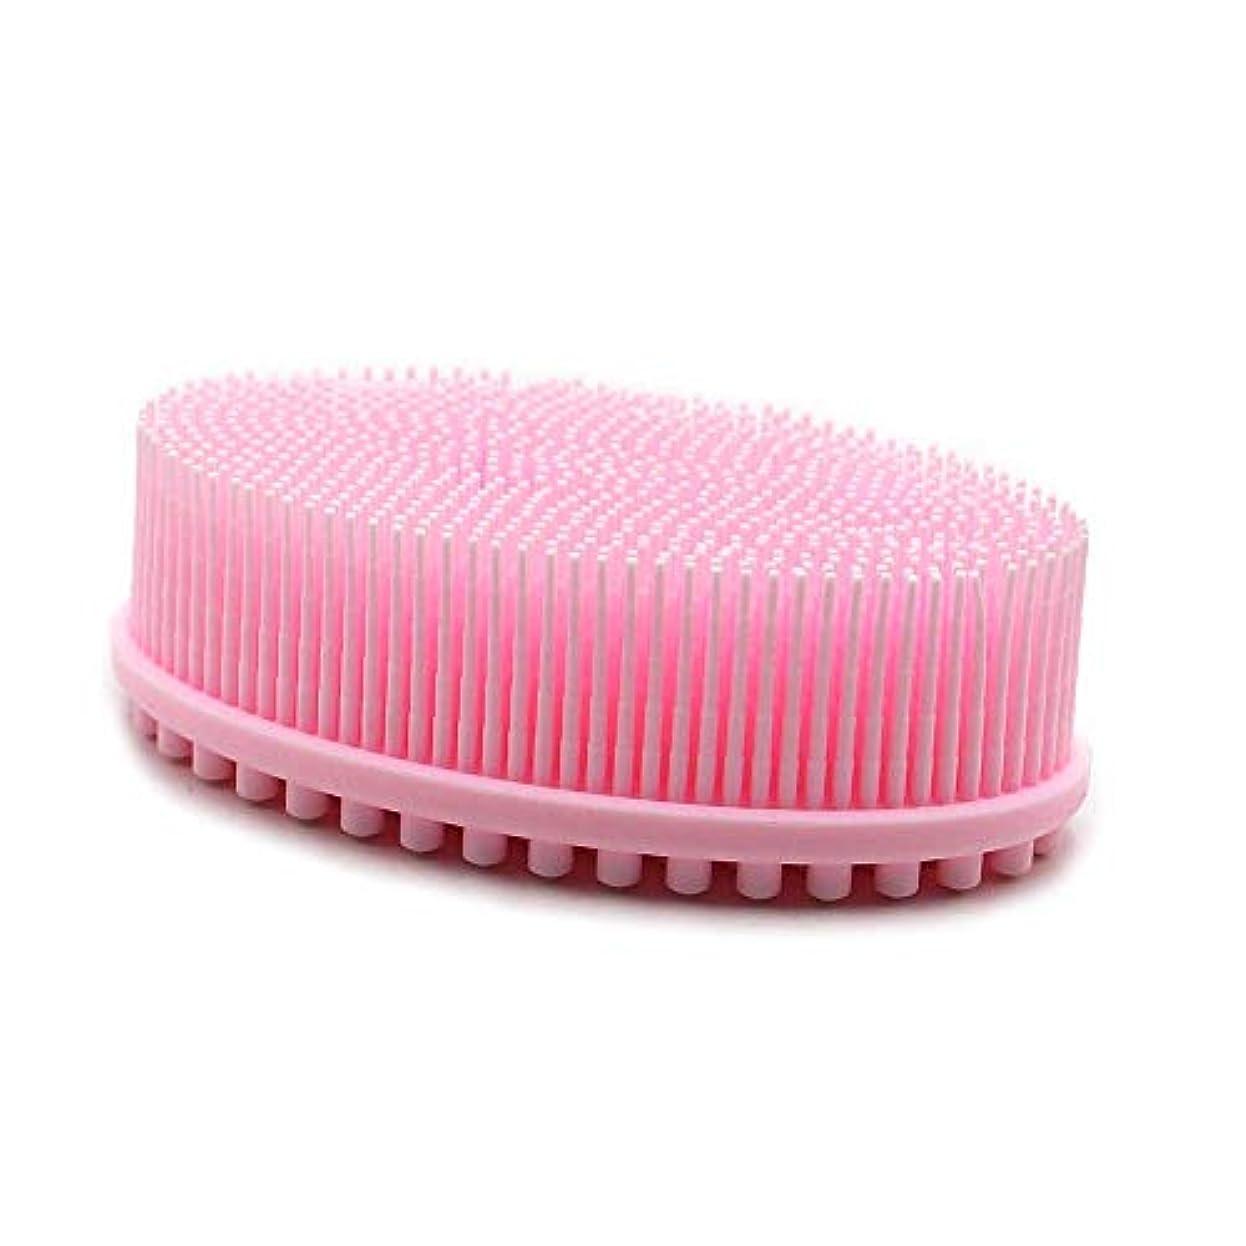 馬鹿台風聴衆ボディブラシ 両面両用ブラシ シリコン製シャワーブラシ バス用品 お風呂ブラシ角質除去 美肌効果 血液循環を改善し、健康と美容に良い,ピンク